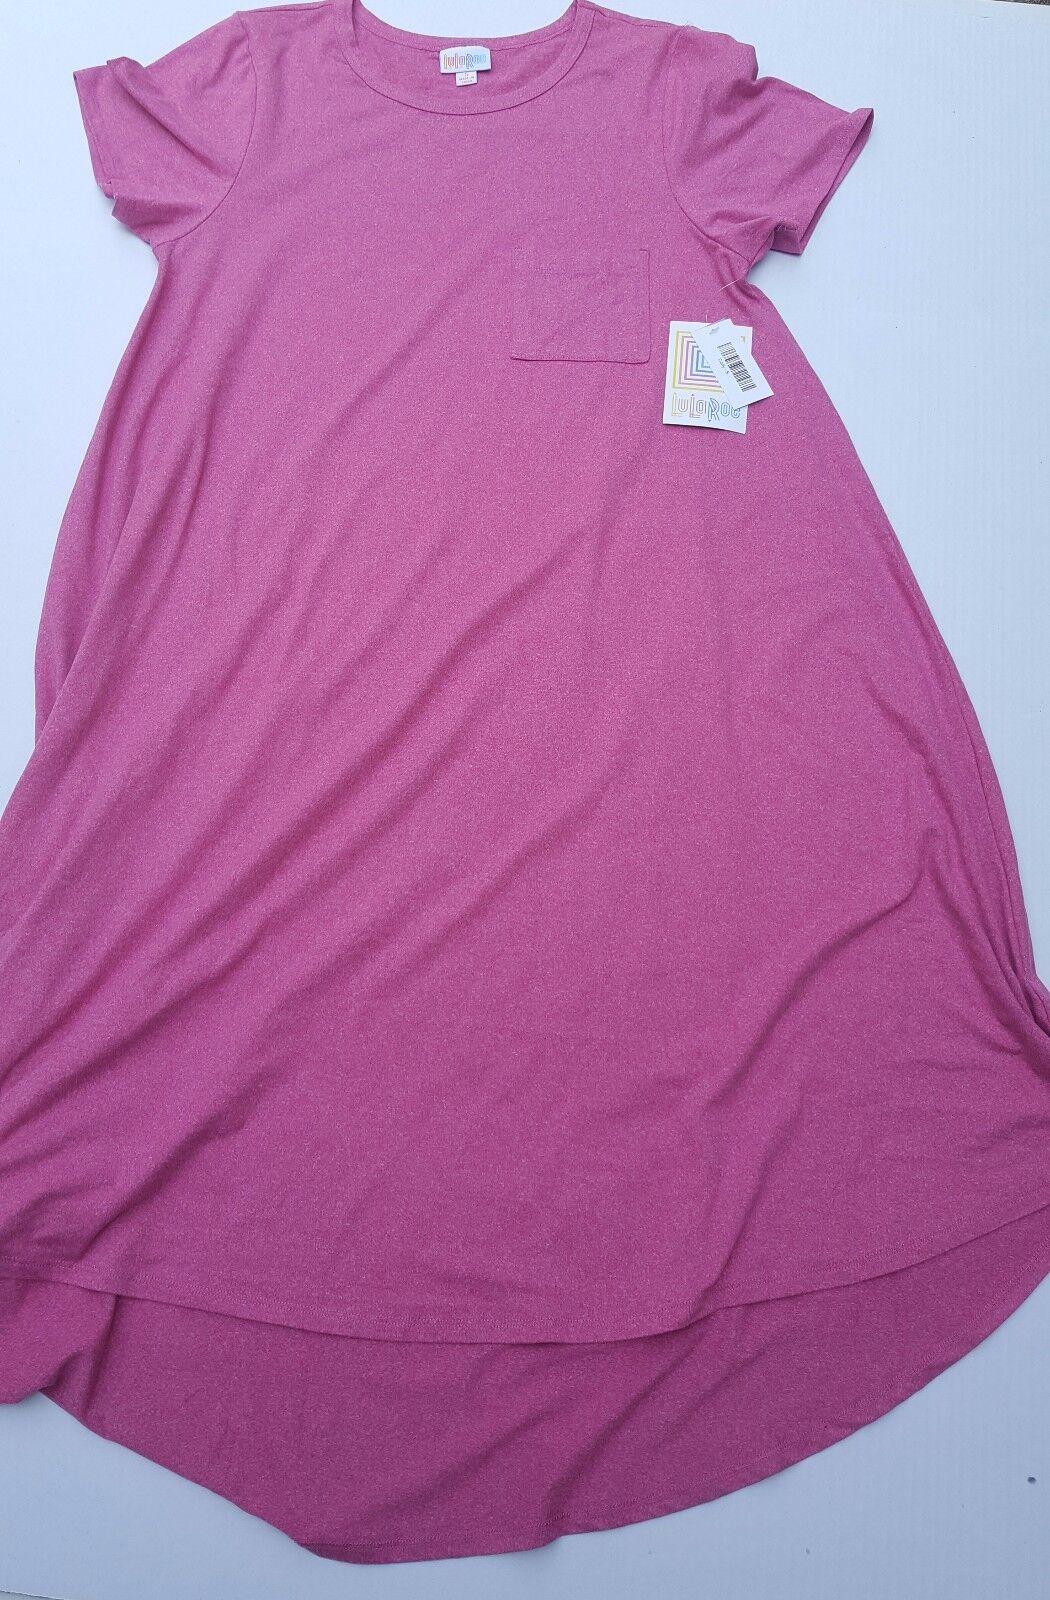 New LuLaRoe Carly Short Sleeve Solid Farbe rot Maroon Dress NWT Small S Rare